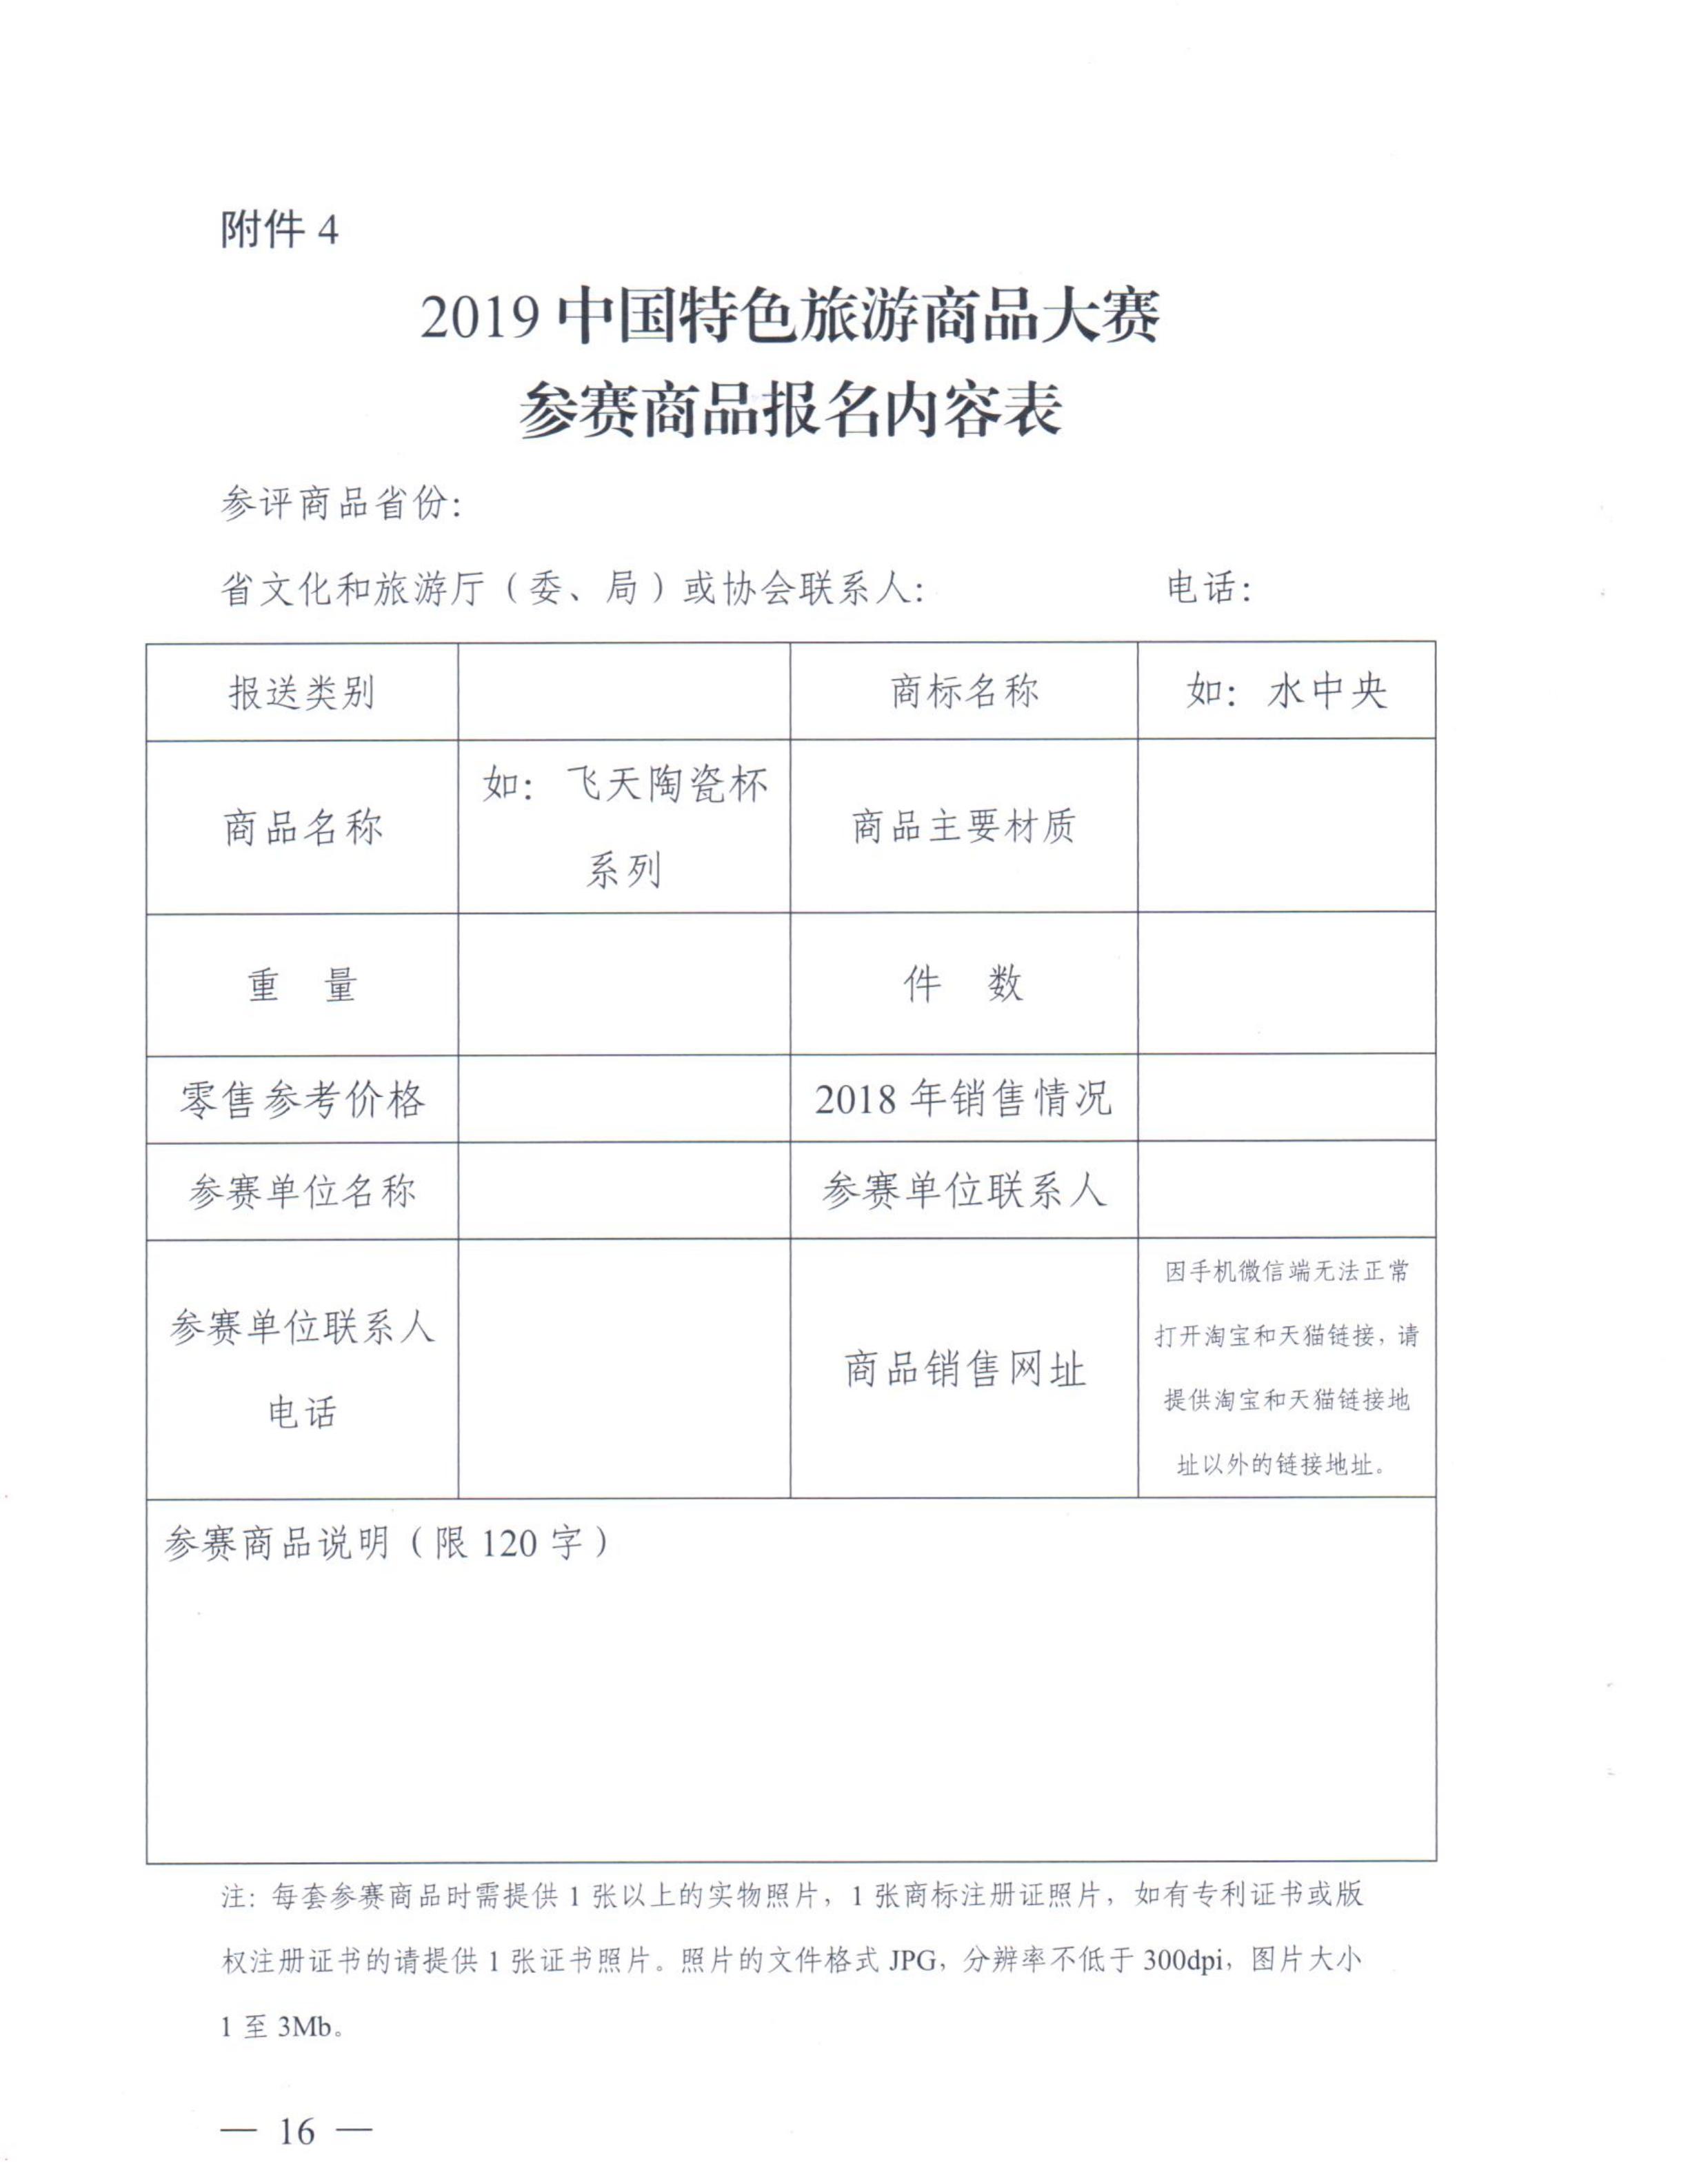 舉辦2019中國特色旅游商品大賽的通知-9-舉辦2019中國特色旅游商品大賽的通知-9_15